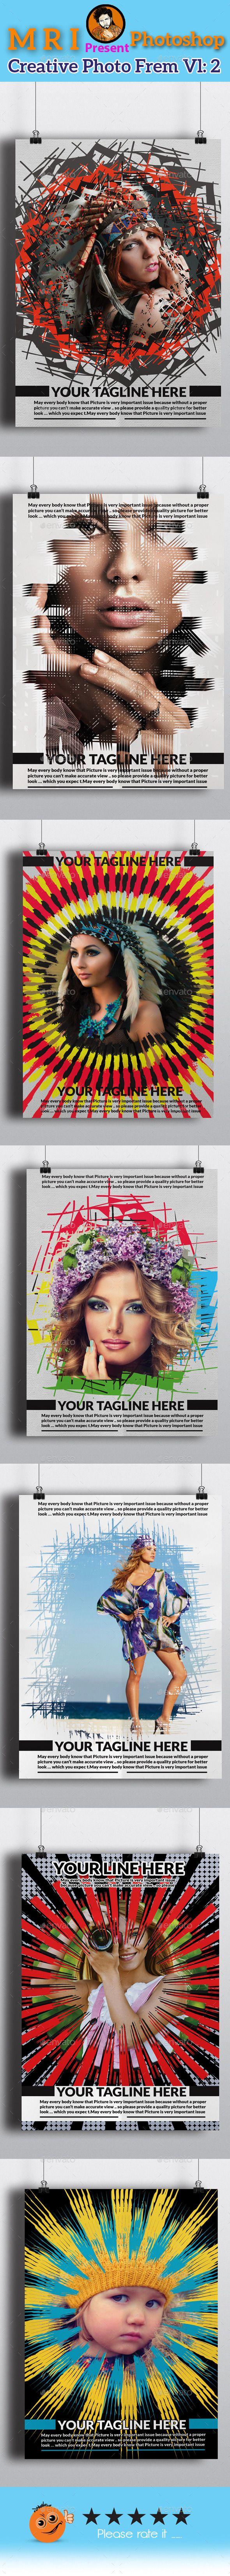 1309 besten Photo Template Bilder auf Pinterest | Photoshop effekte ...